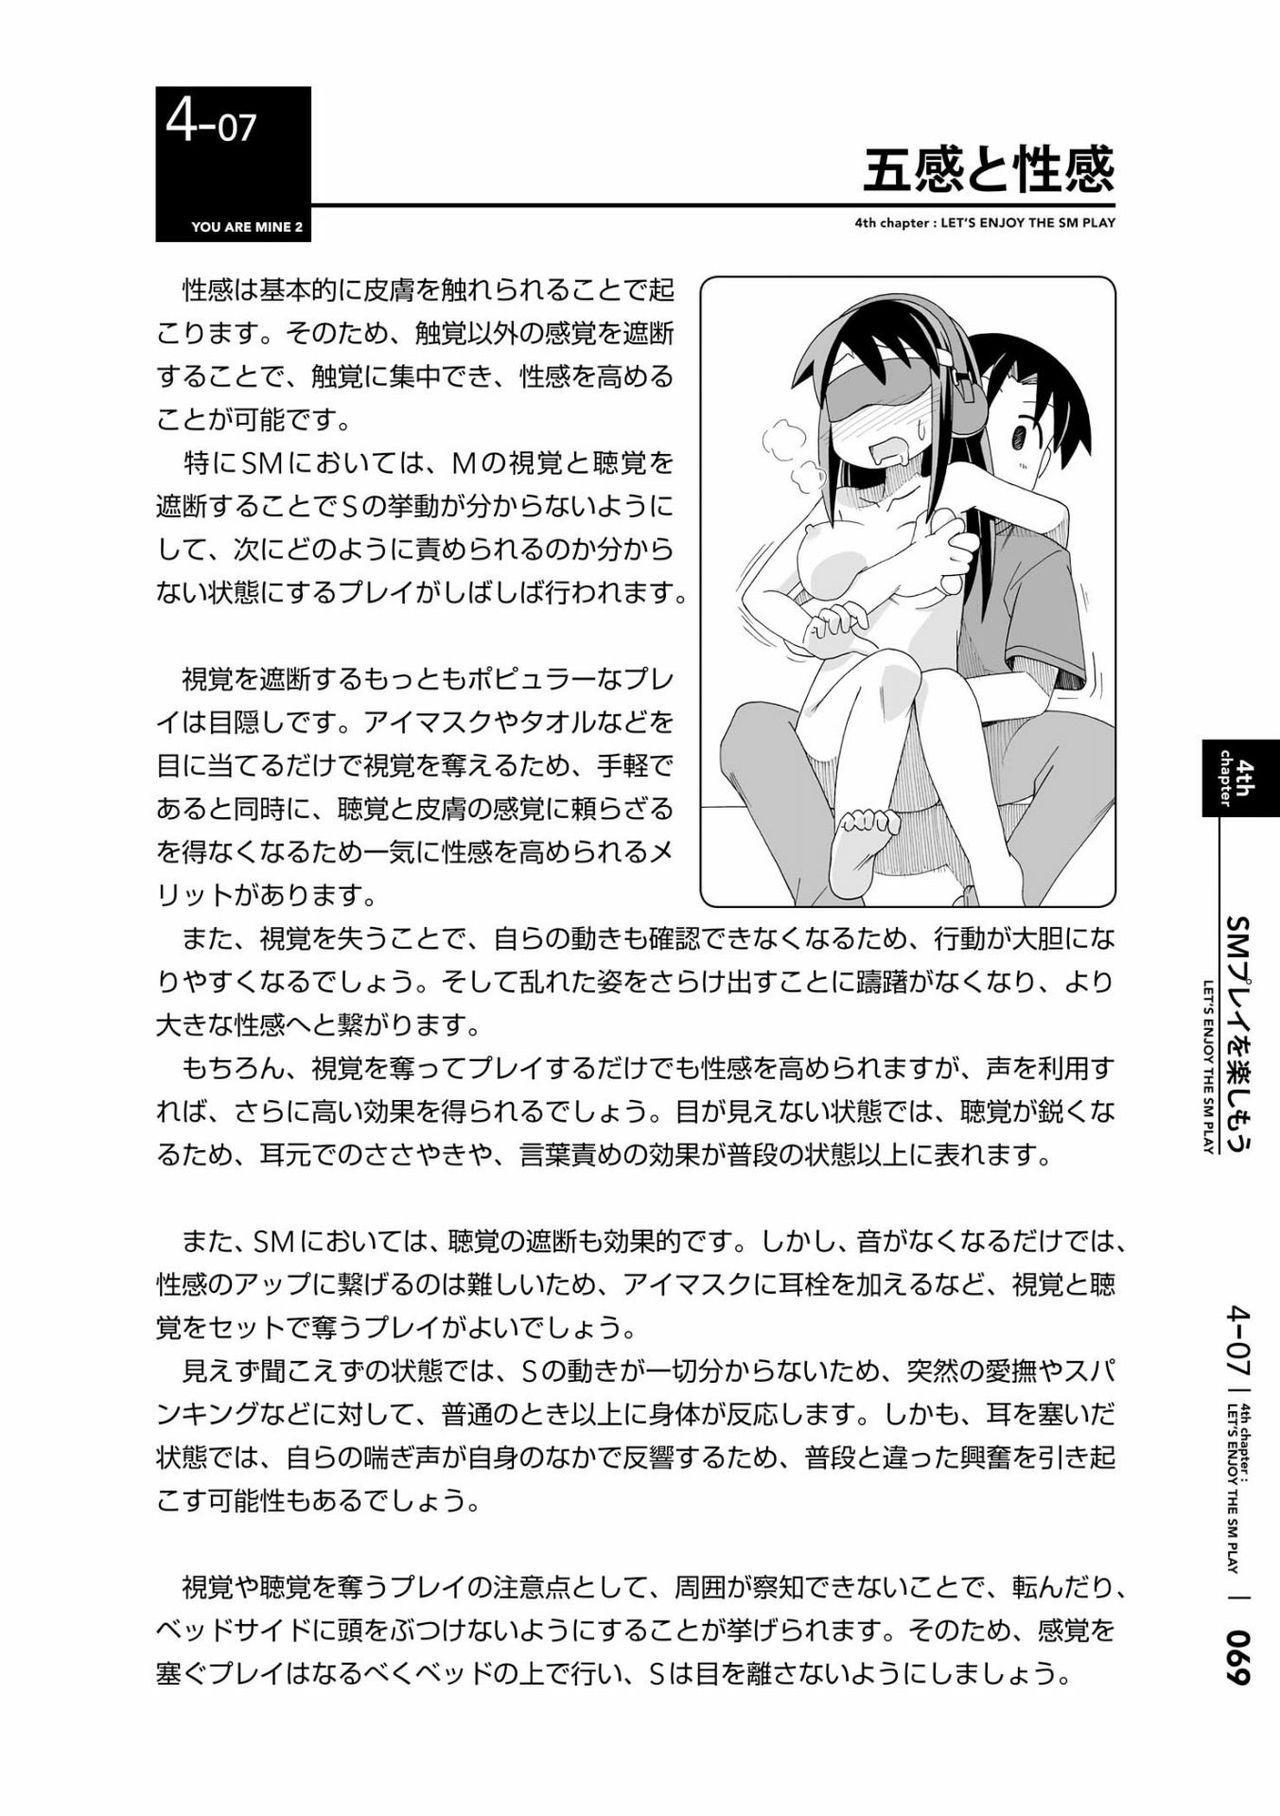 [Mitsuba] Karada mo Kokoro mo Boku no Mono ~Hajimete no SM Guide~ 2 [Digital] 71